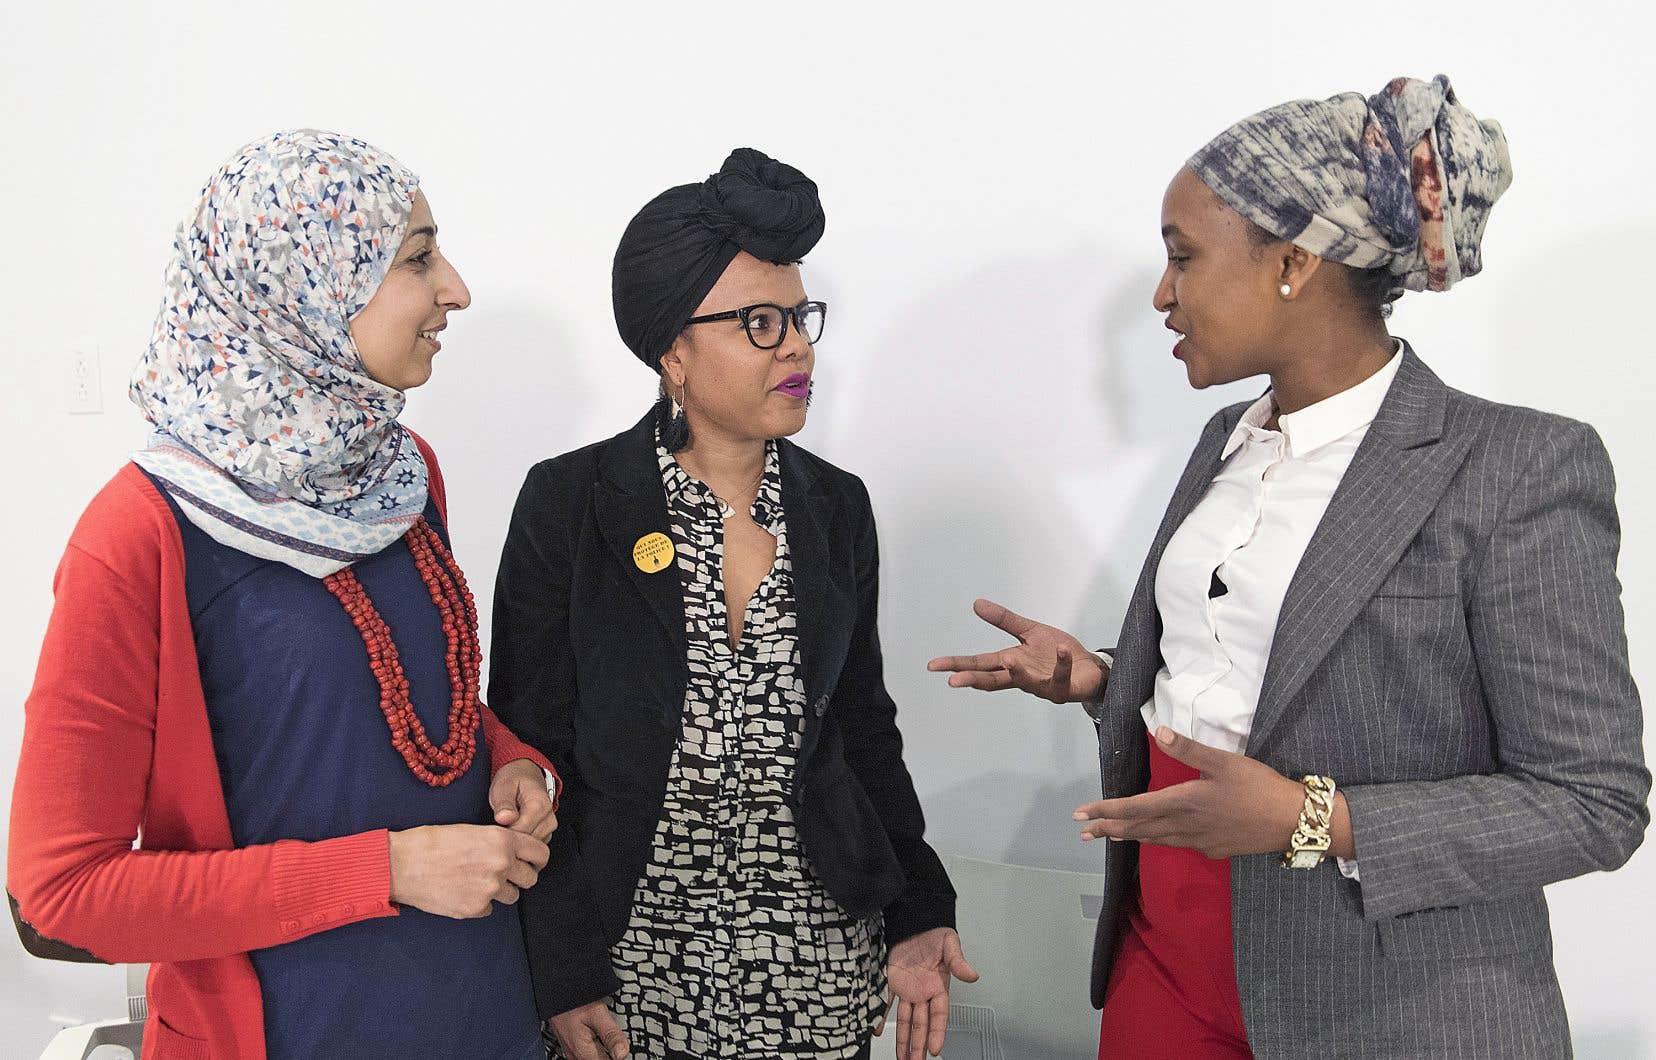 Safa Chebbi, Marlihan Lopez et Idil Issa discutent après la conférence de presse tenue vendredi à Montréal par sept groupes s'opposant au projet de loi sur la laïcité.